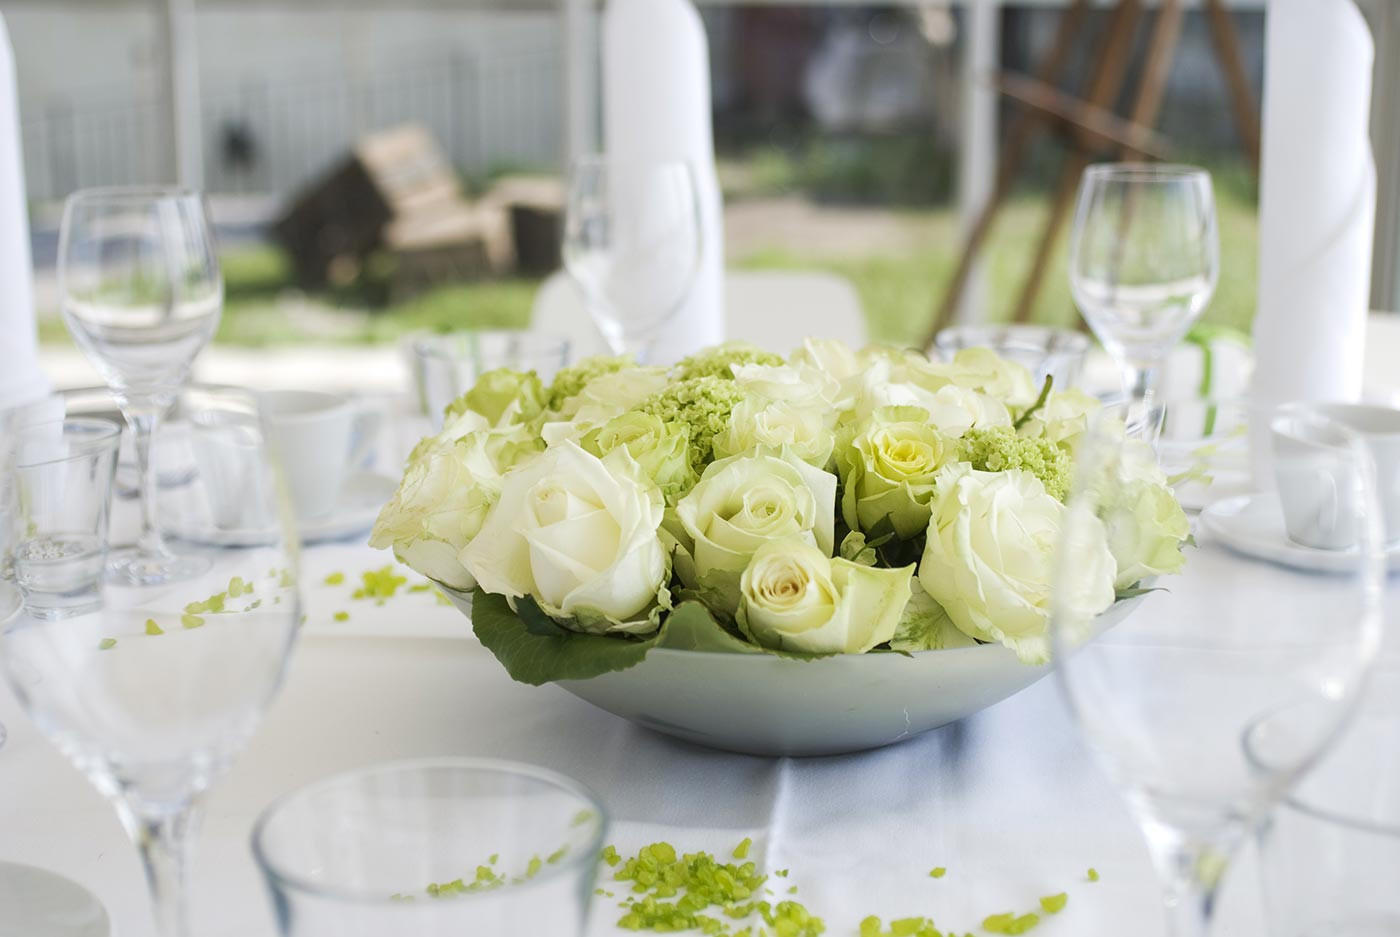 Tischdeko Hochzeit Grün Weiß  Tischdeko in Grün Weiss